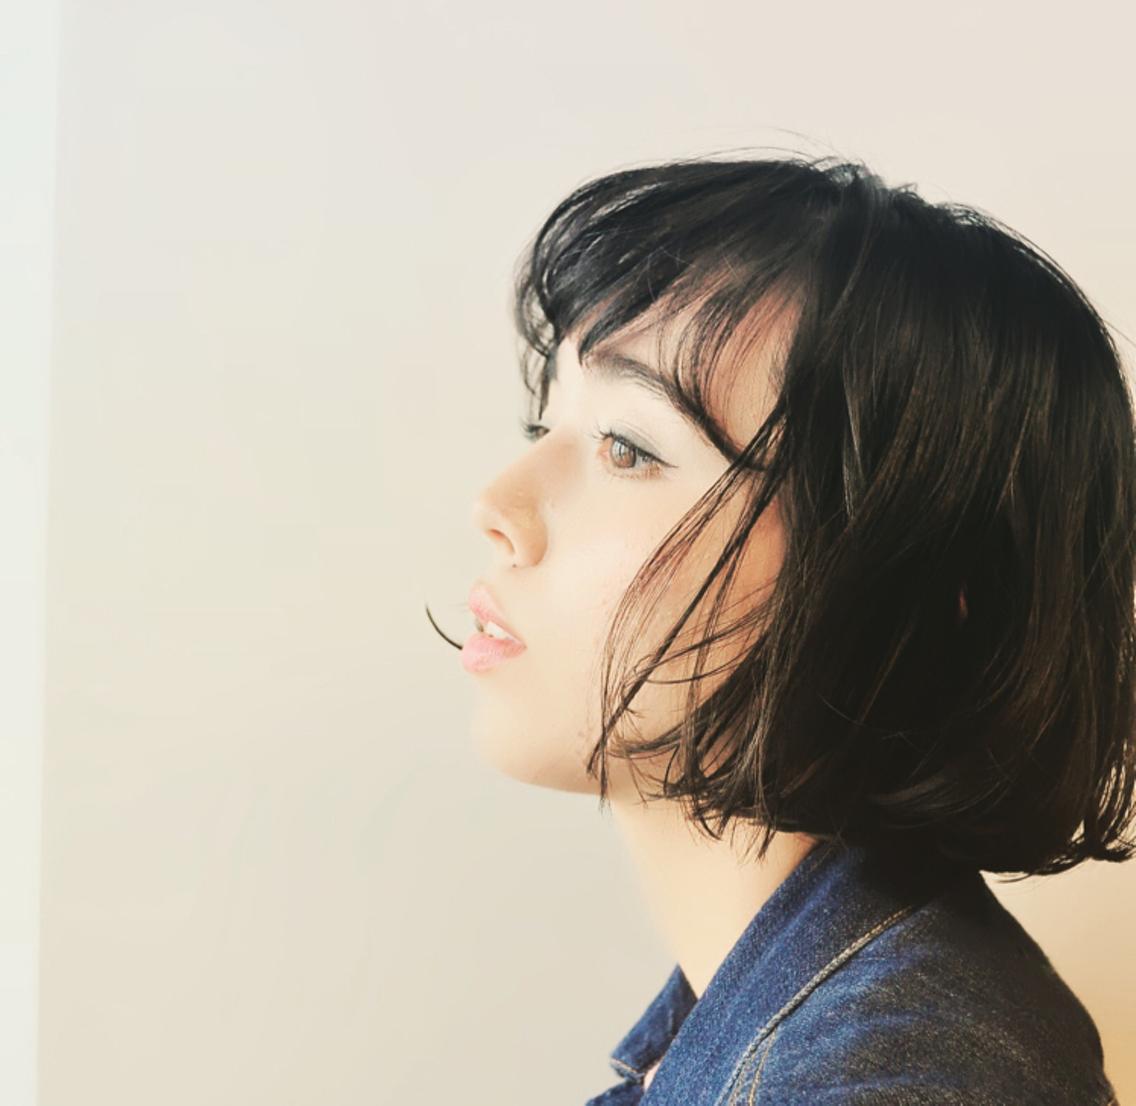 カットカラー¥3,980〜!!‼︎☆田町駅・三田駅からすぐ‼︎当日予約OKです♪新規の方ミニモ割引!!